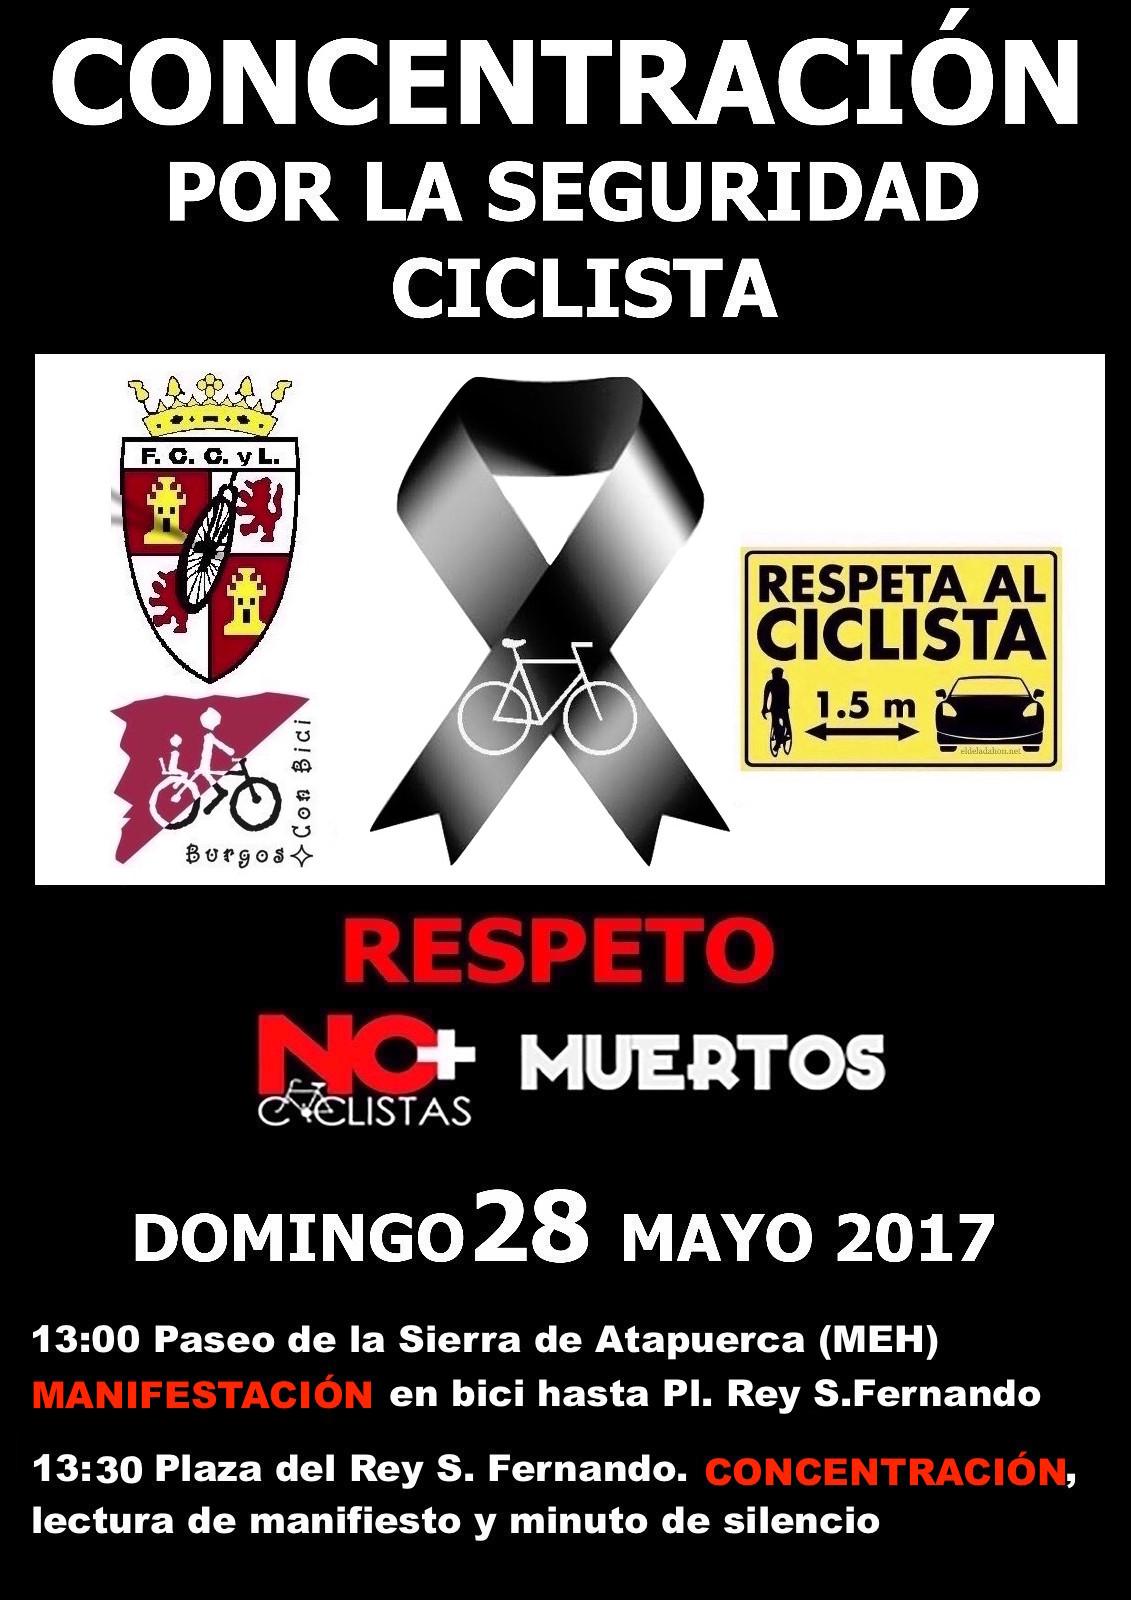 Cartel. Concentración y manifestación. No más ciclistas muertos. Domingo 28 mayo 2017 a las 13:00